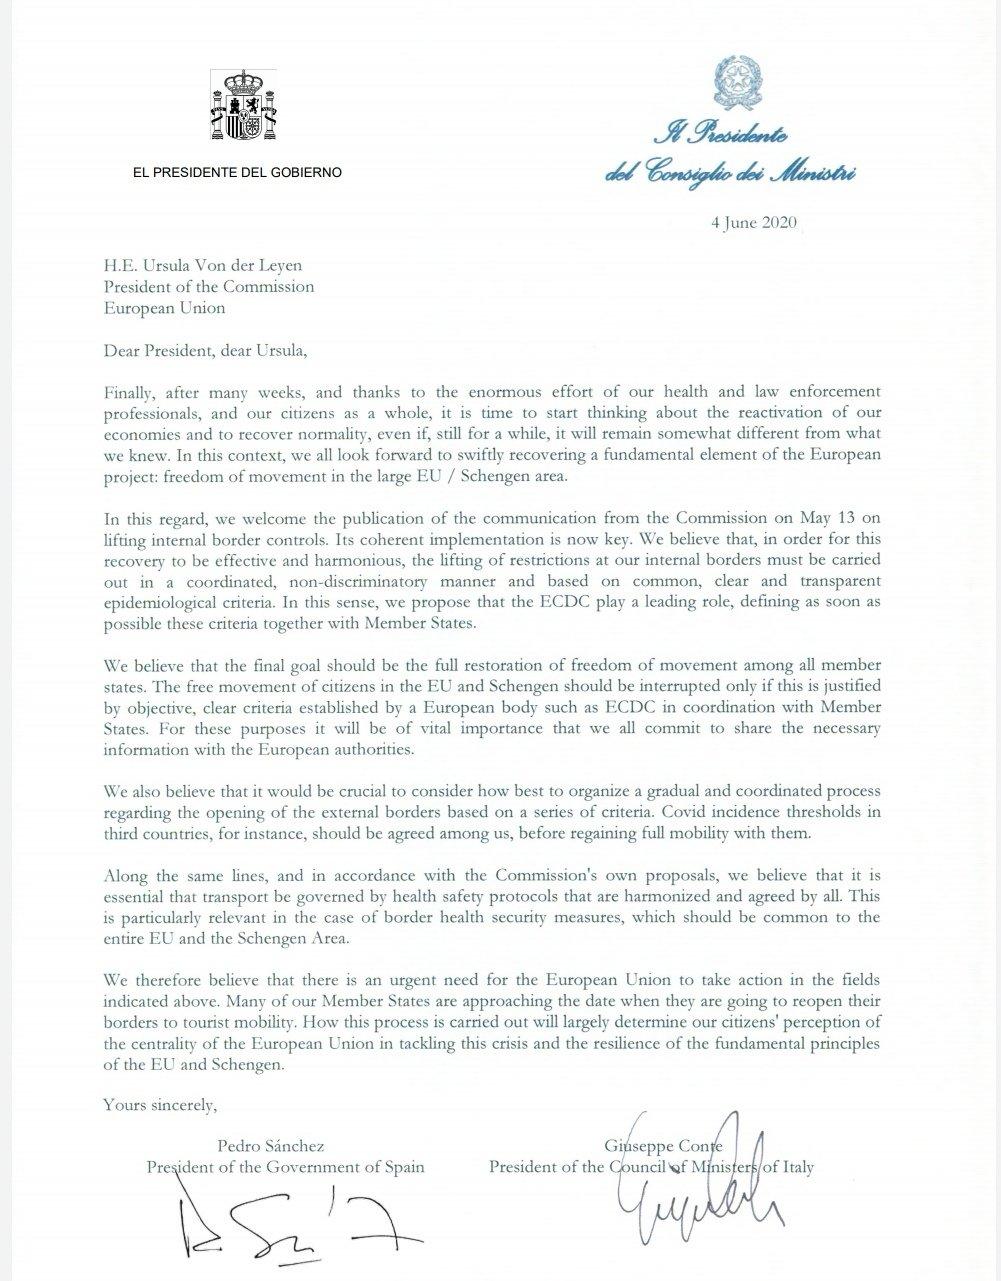 Conte e Sanchez, la lettera